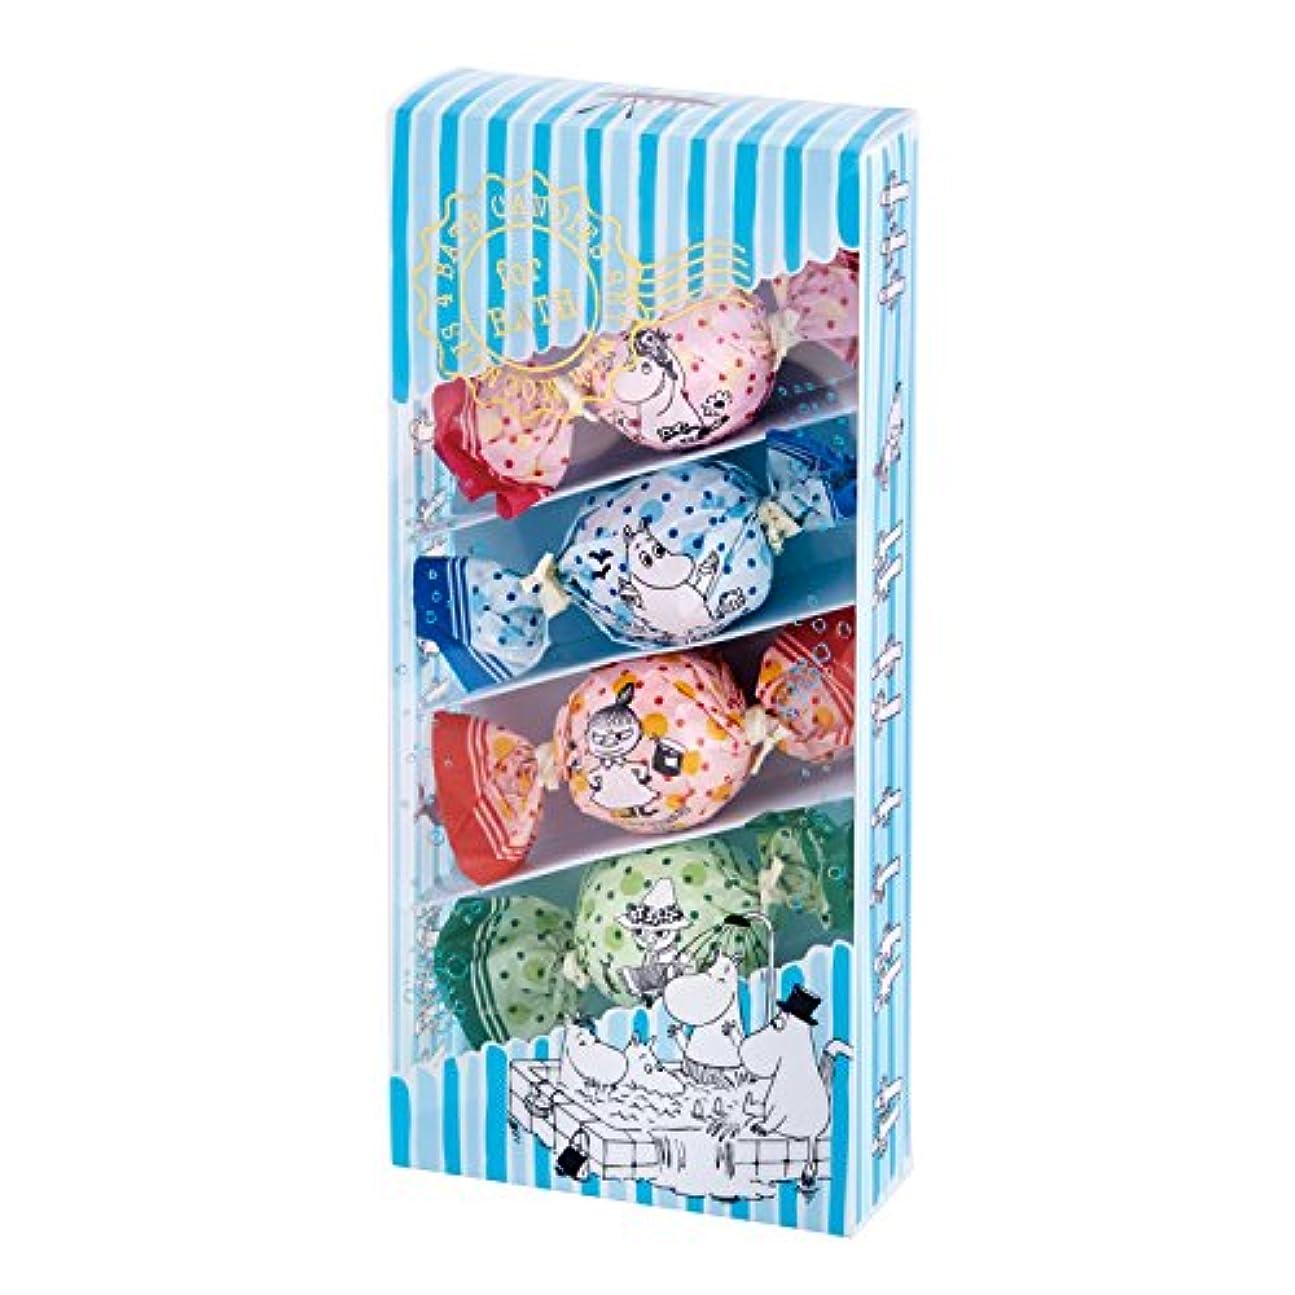 マーベル委任する教育するムーミン バスキャンディー4粒セット 楽しいお風呂の日